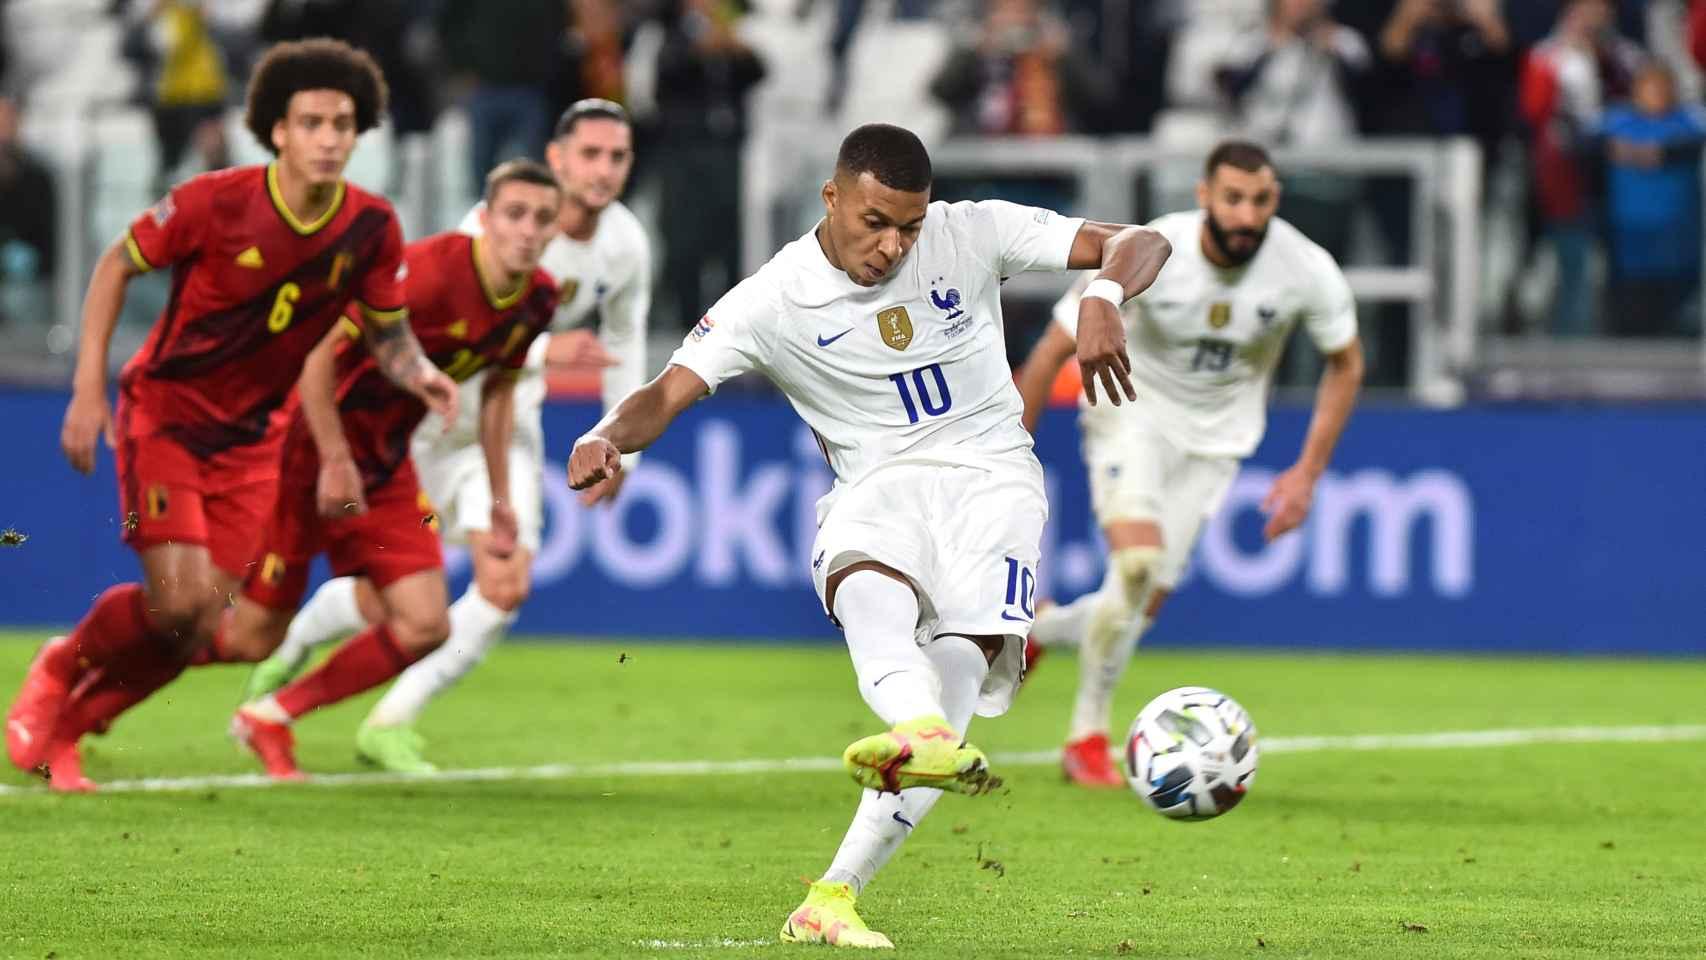 Kylian Mbappé tira el penalti durante el Bélgica - Francia